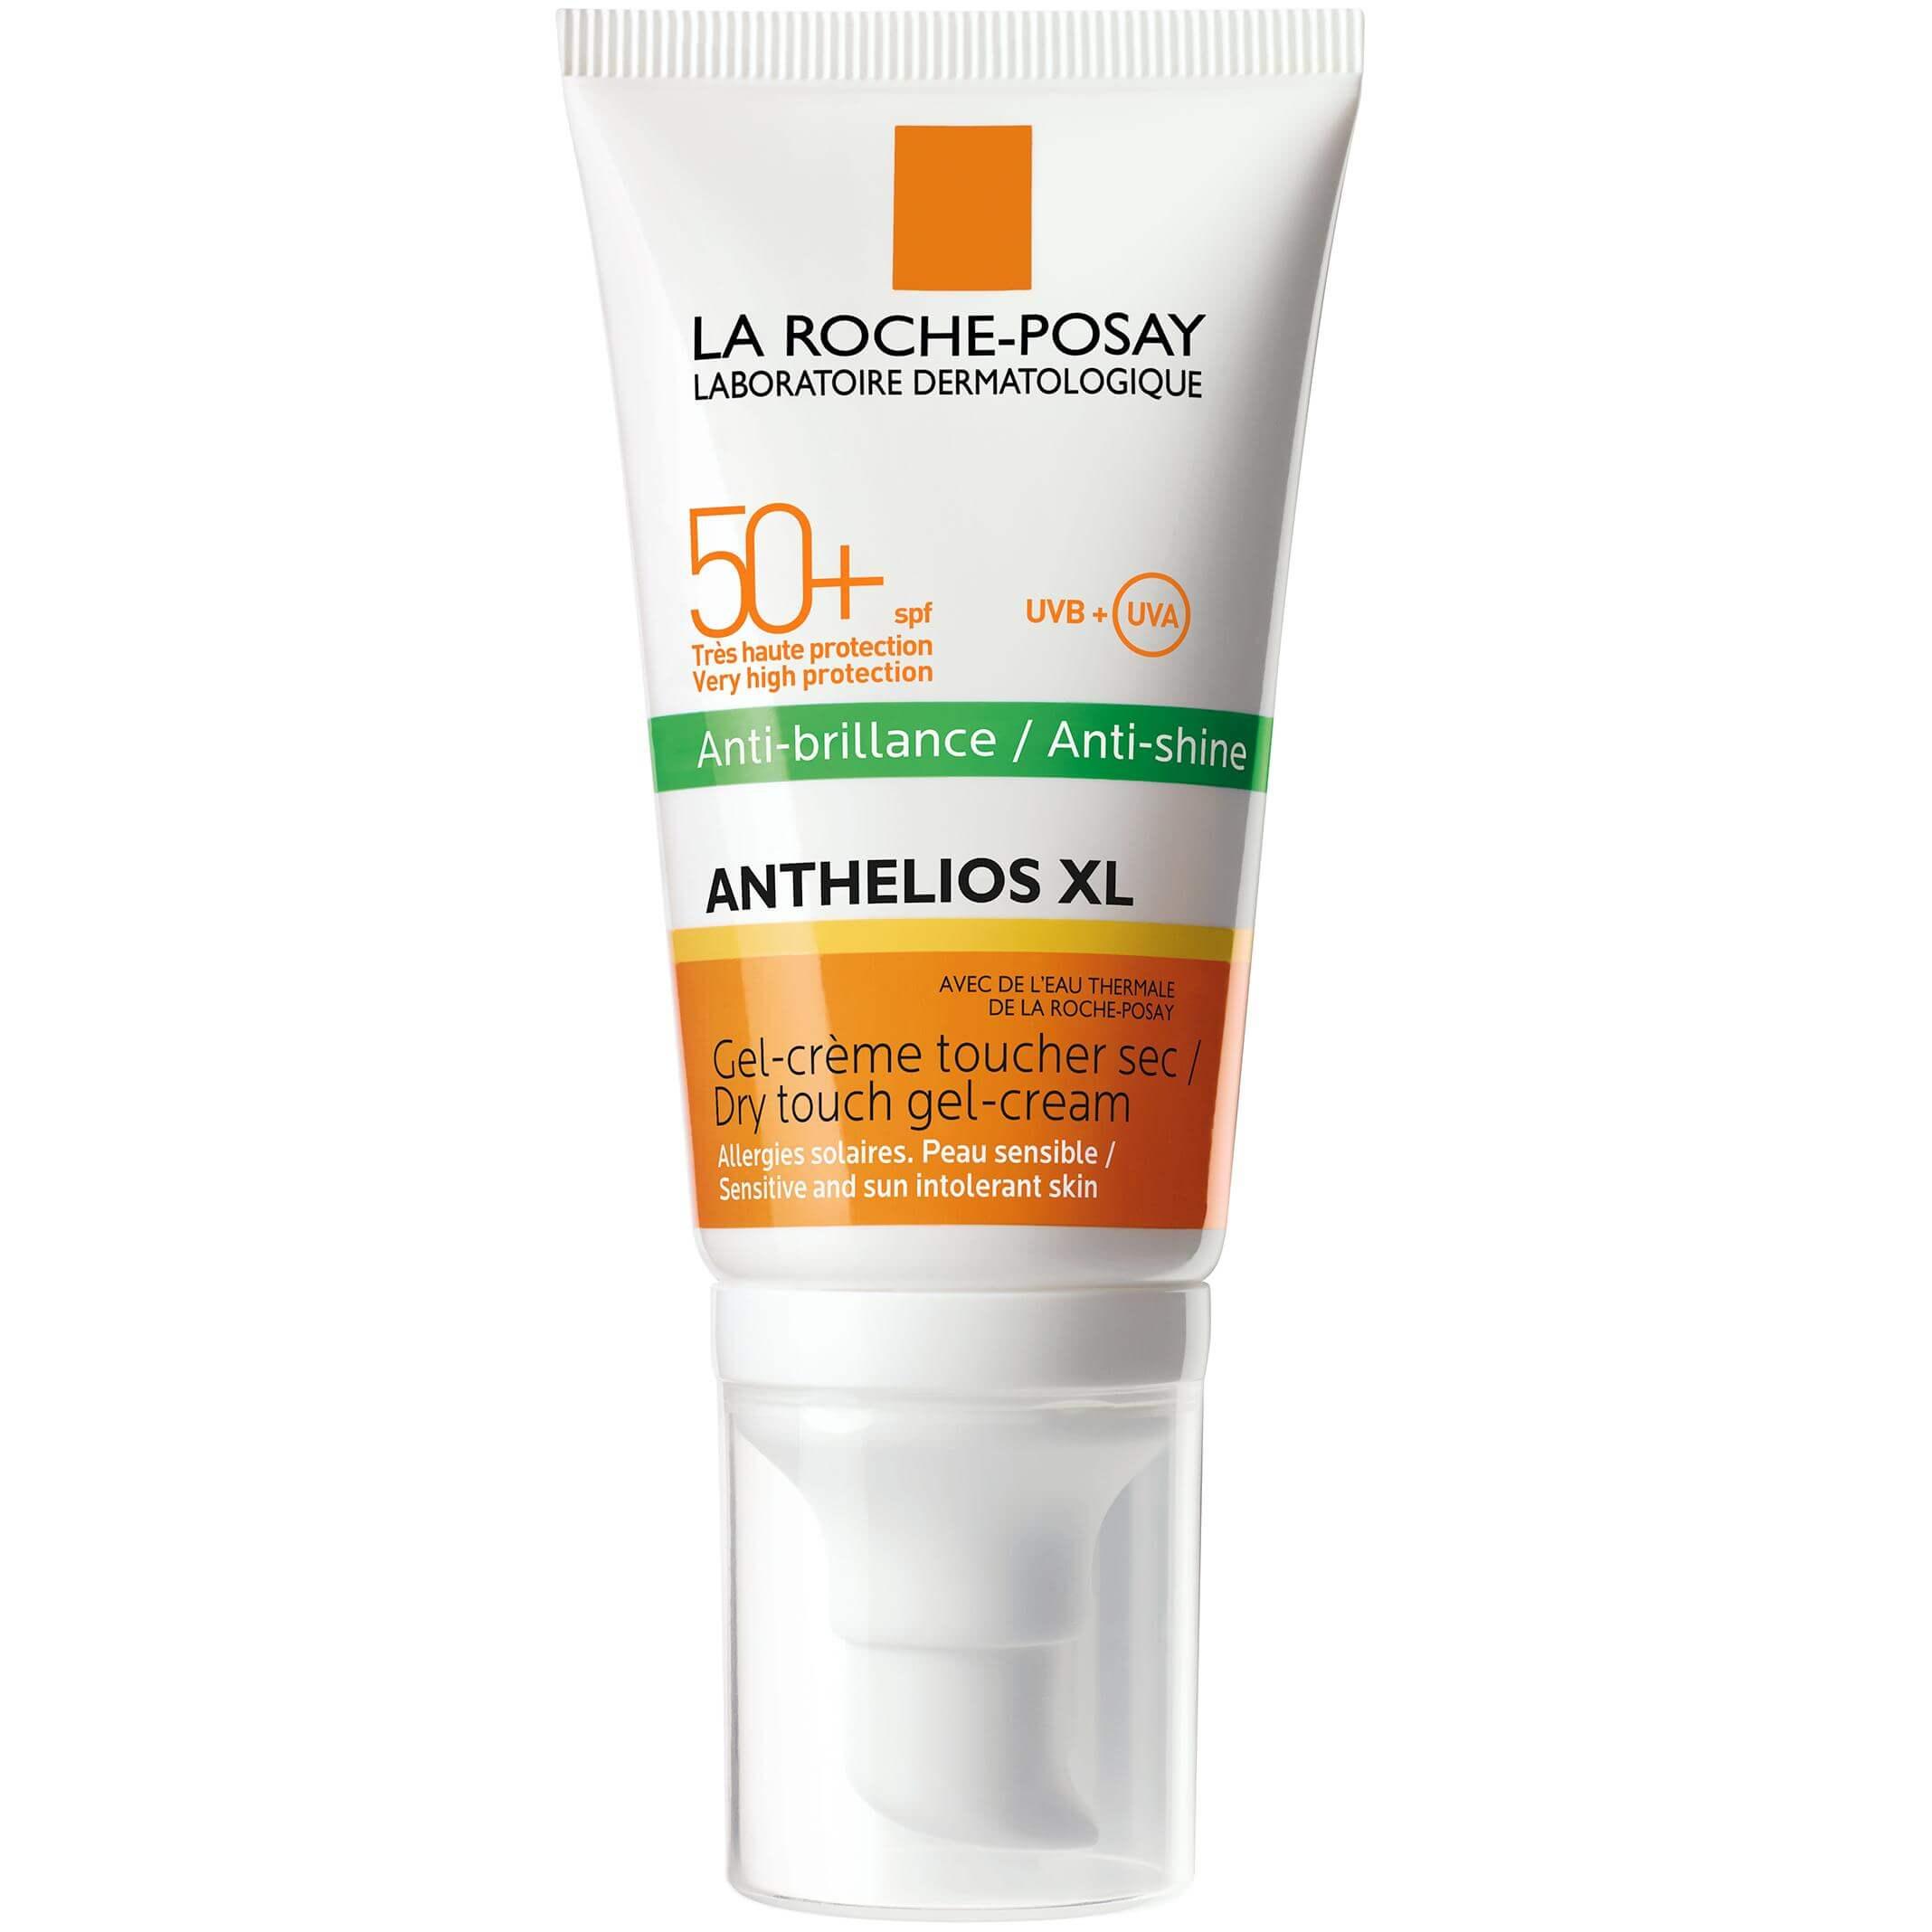 La Roche-Posay Anthelios Anti-brillance Spf50+ Αντηλιακή Gel Κρέμα Προσώπου για Ματ Αποτέλεσμα50ml